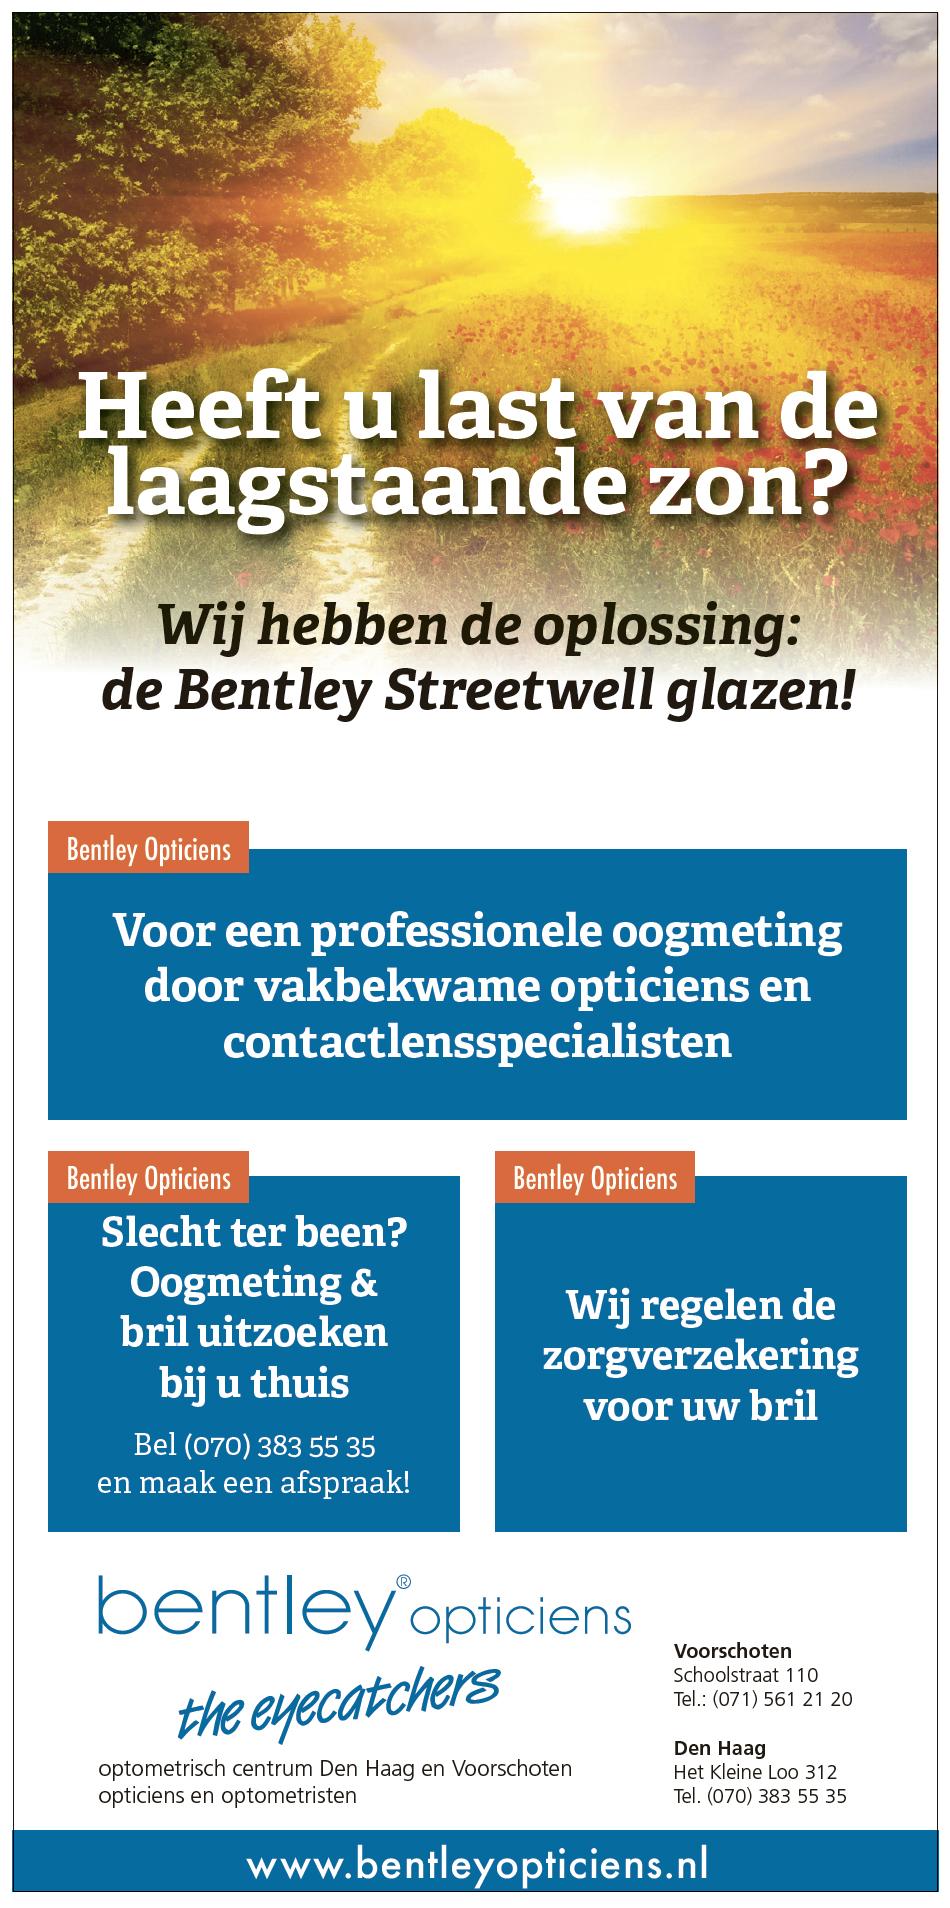 Advertentie Bentley Opticiens